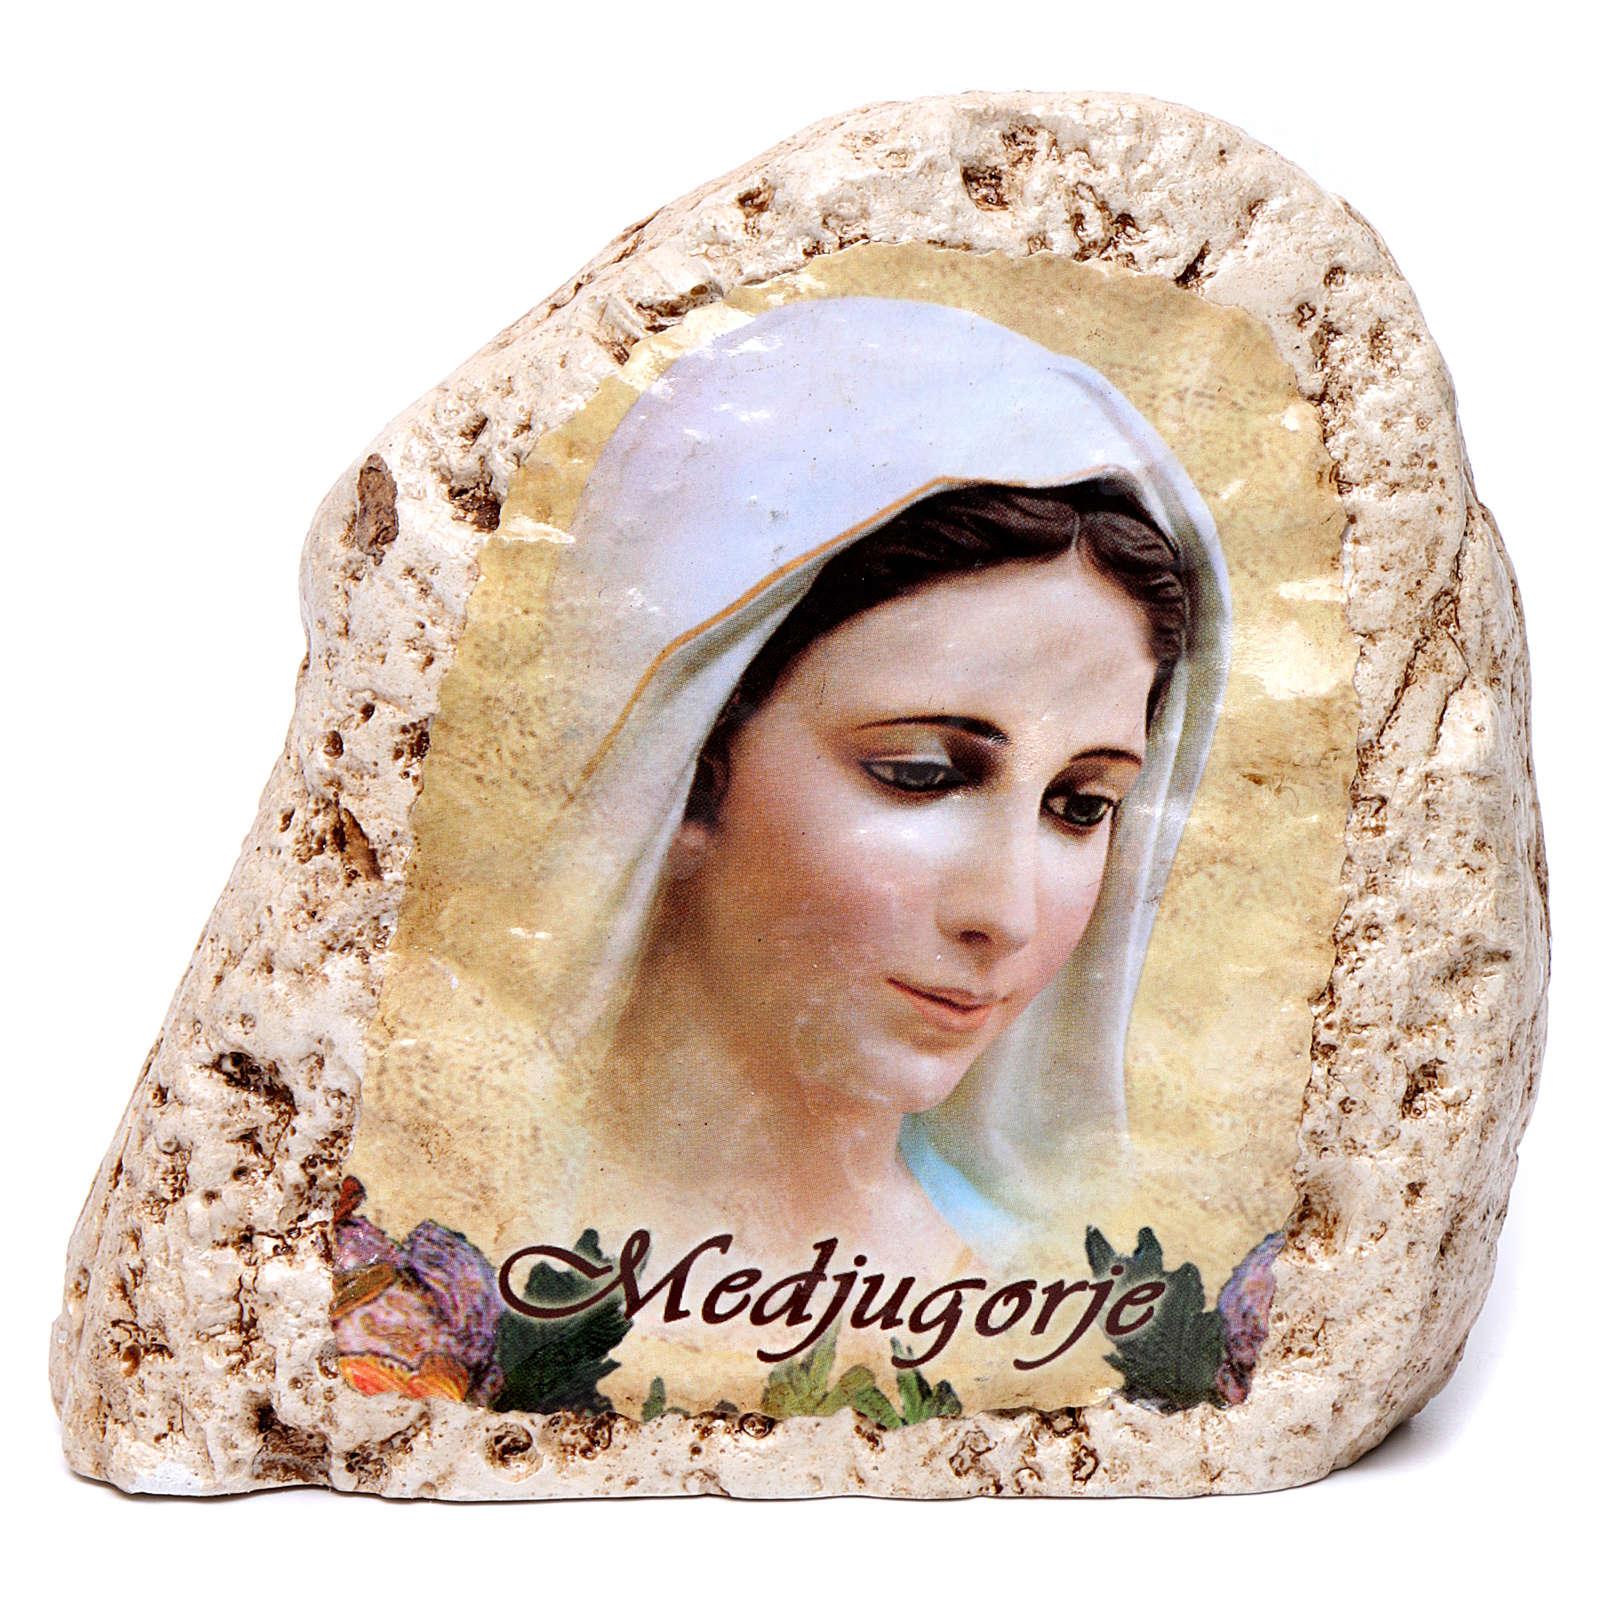 Cadre à poser en plâtre Notre-Dame de Medjugorje 4